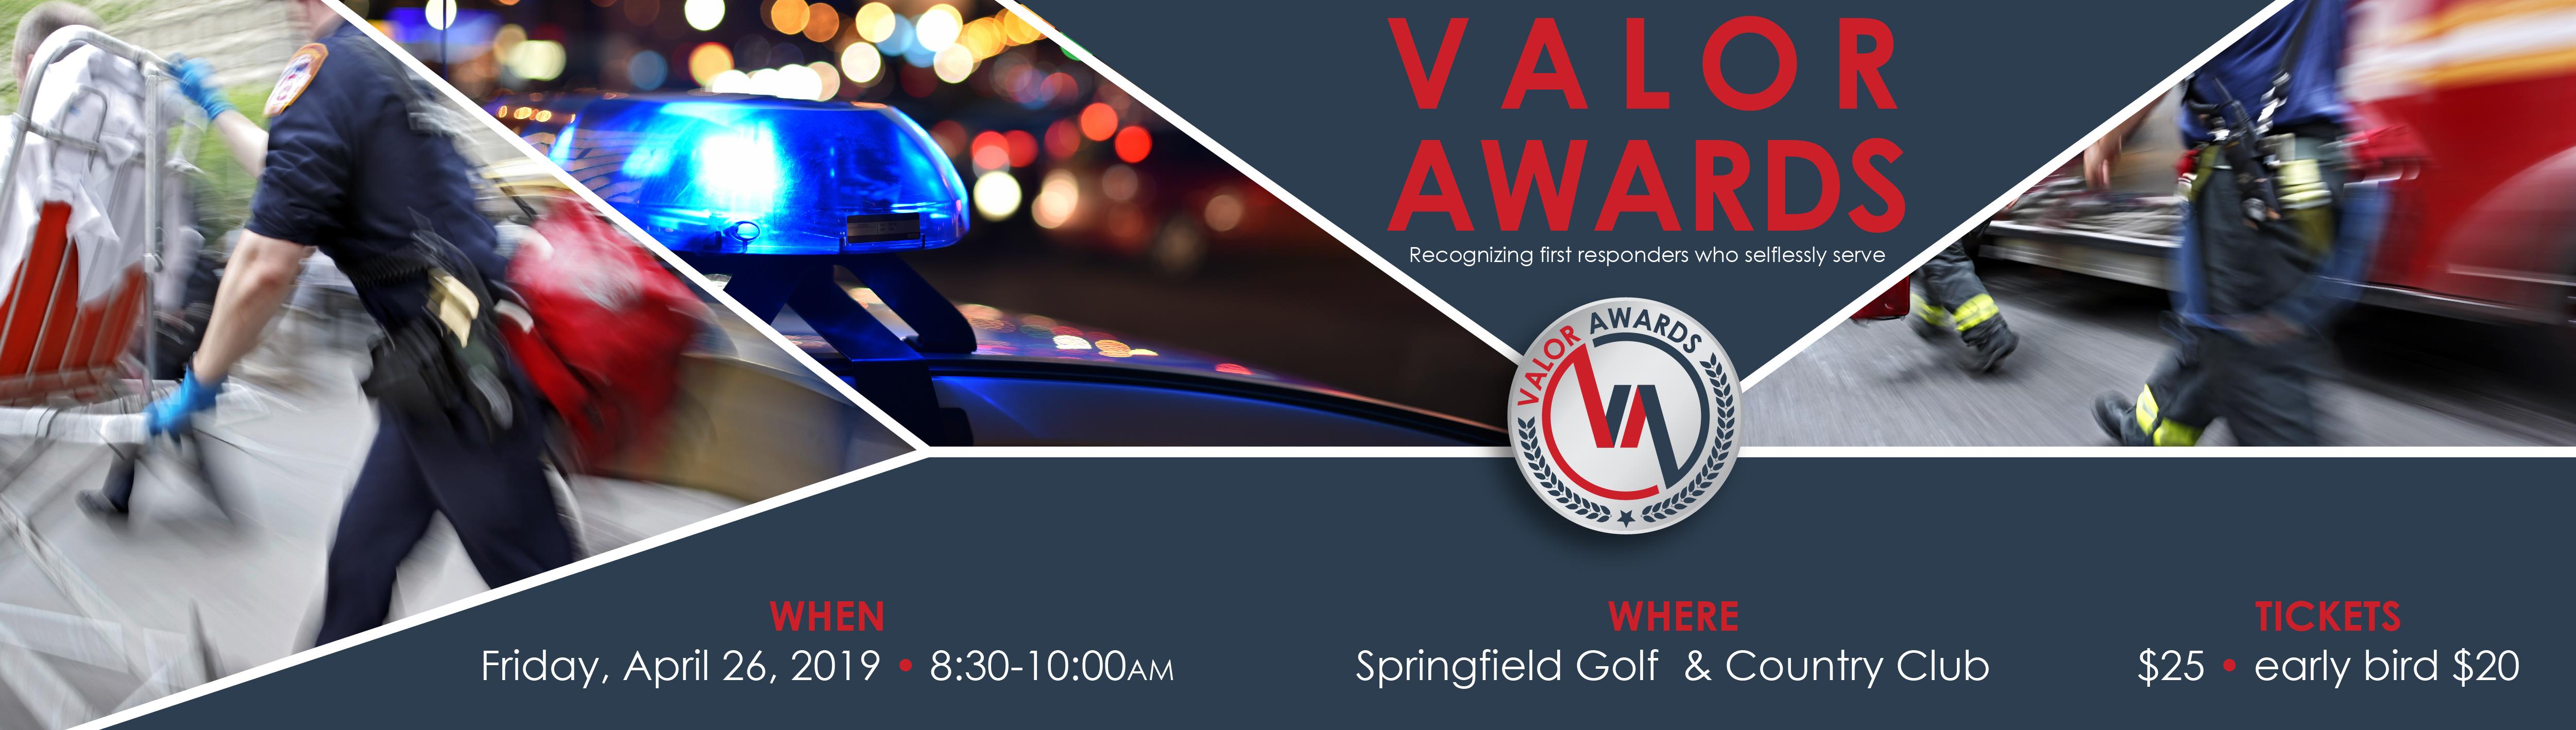 Valor-awards-Website-banner-2019-03(1).jpg